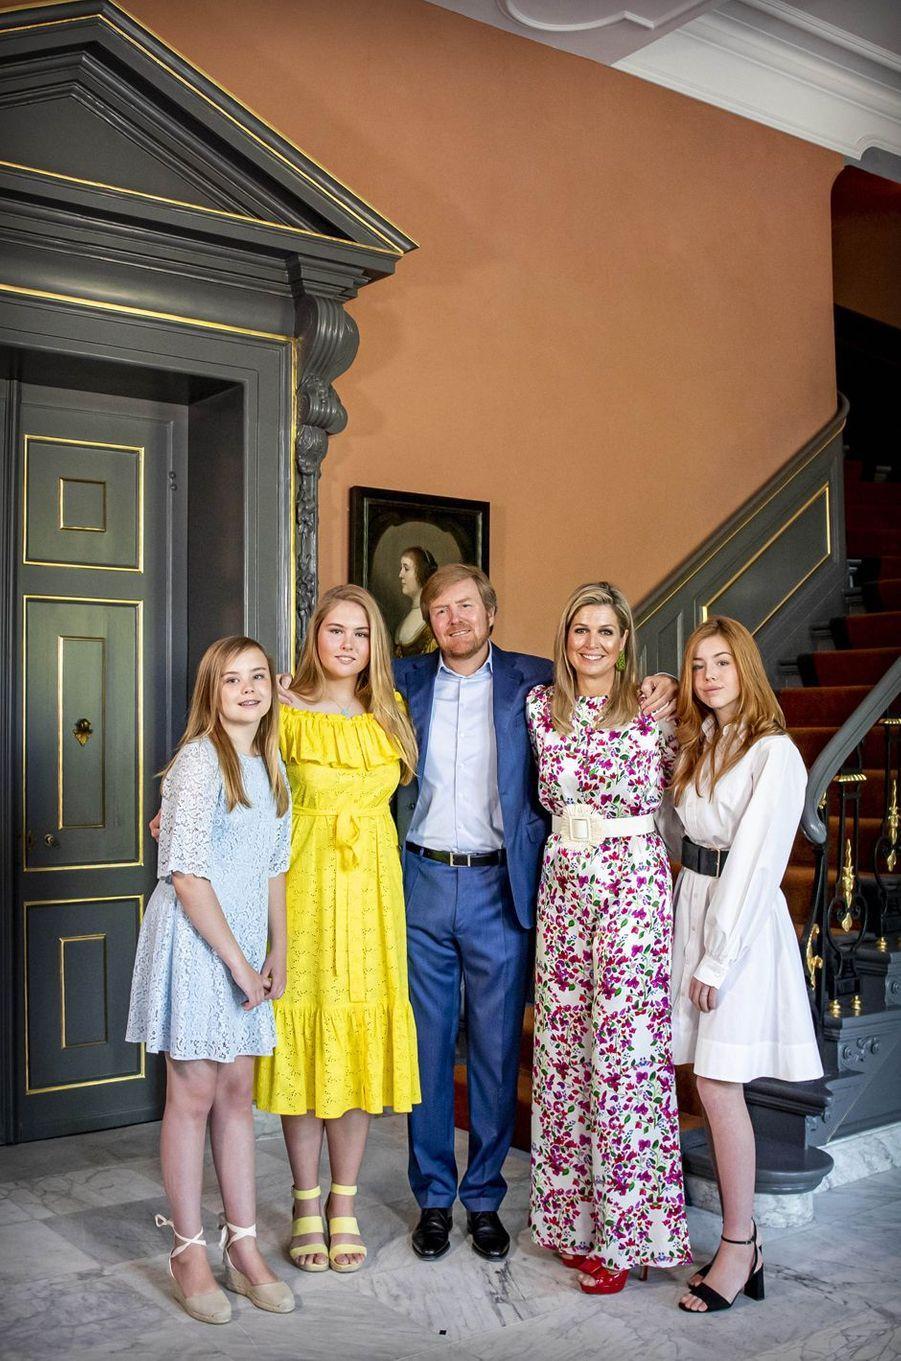 La reine Maxima et le roi Willem-Alexander des Pays-Bas avec leurs filles, le 27 avril 2020 au palais Huis ten Bosch à La Haye